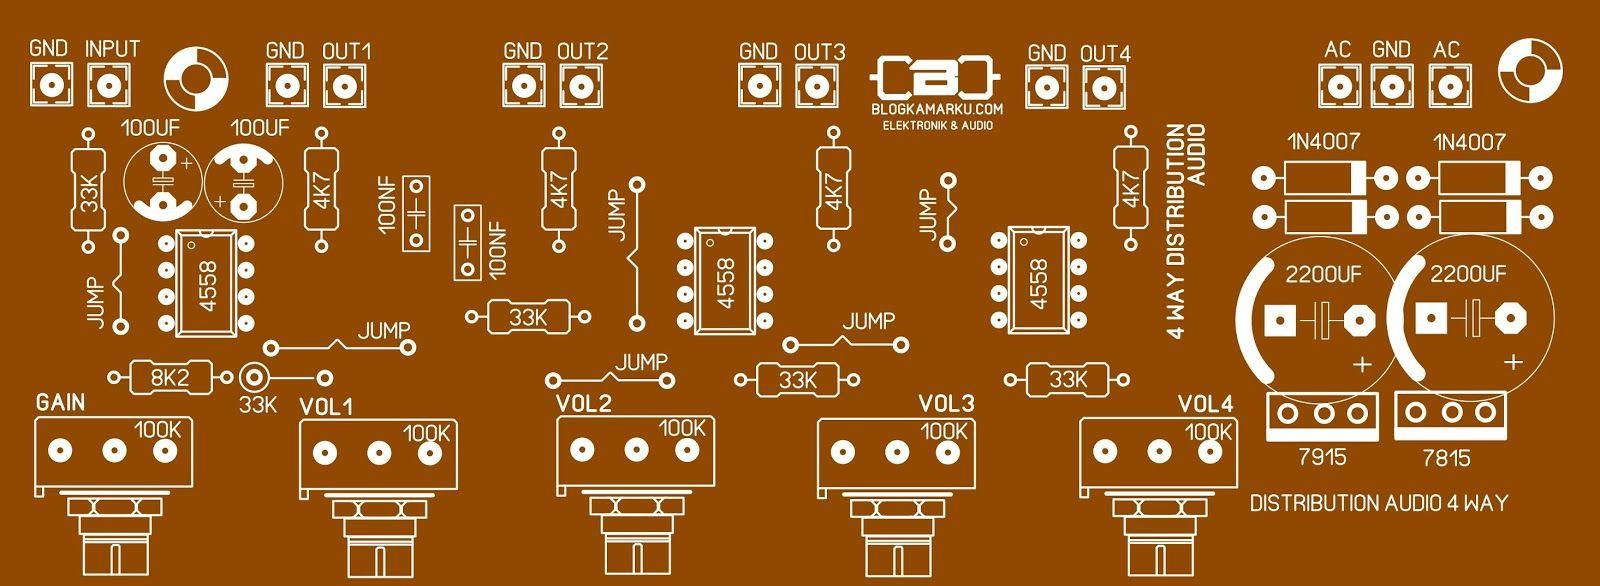 Layout Pcb Audio Distributor 4 Way Komplit Amplificador